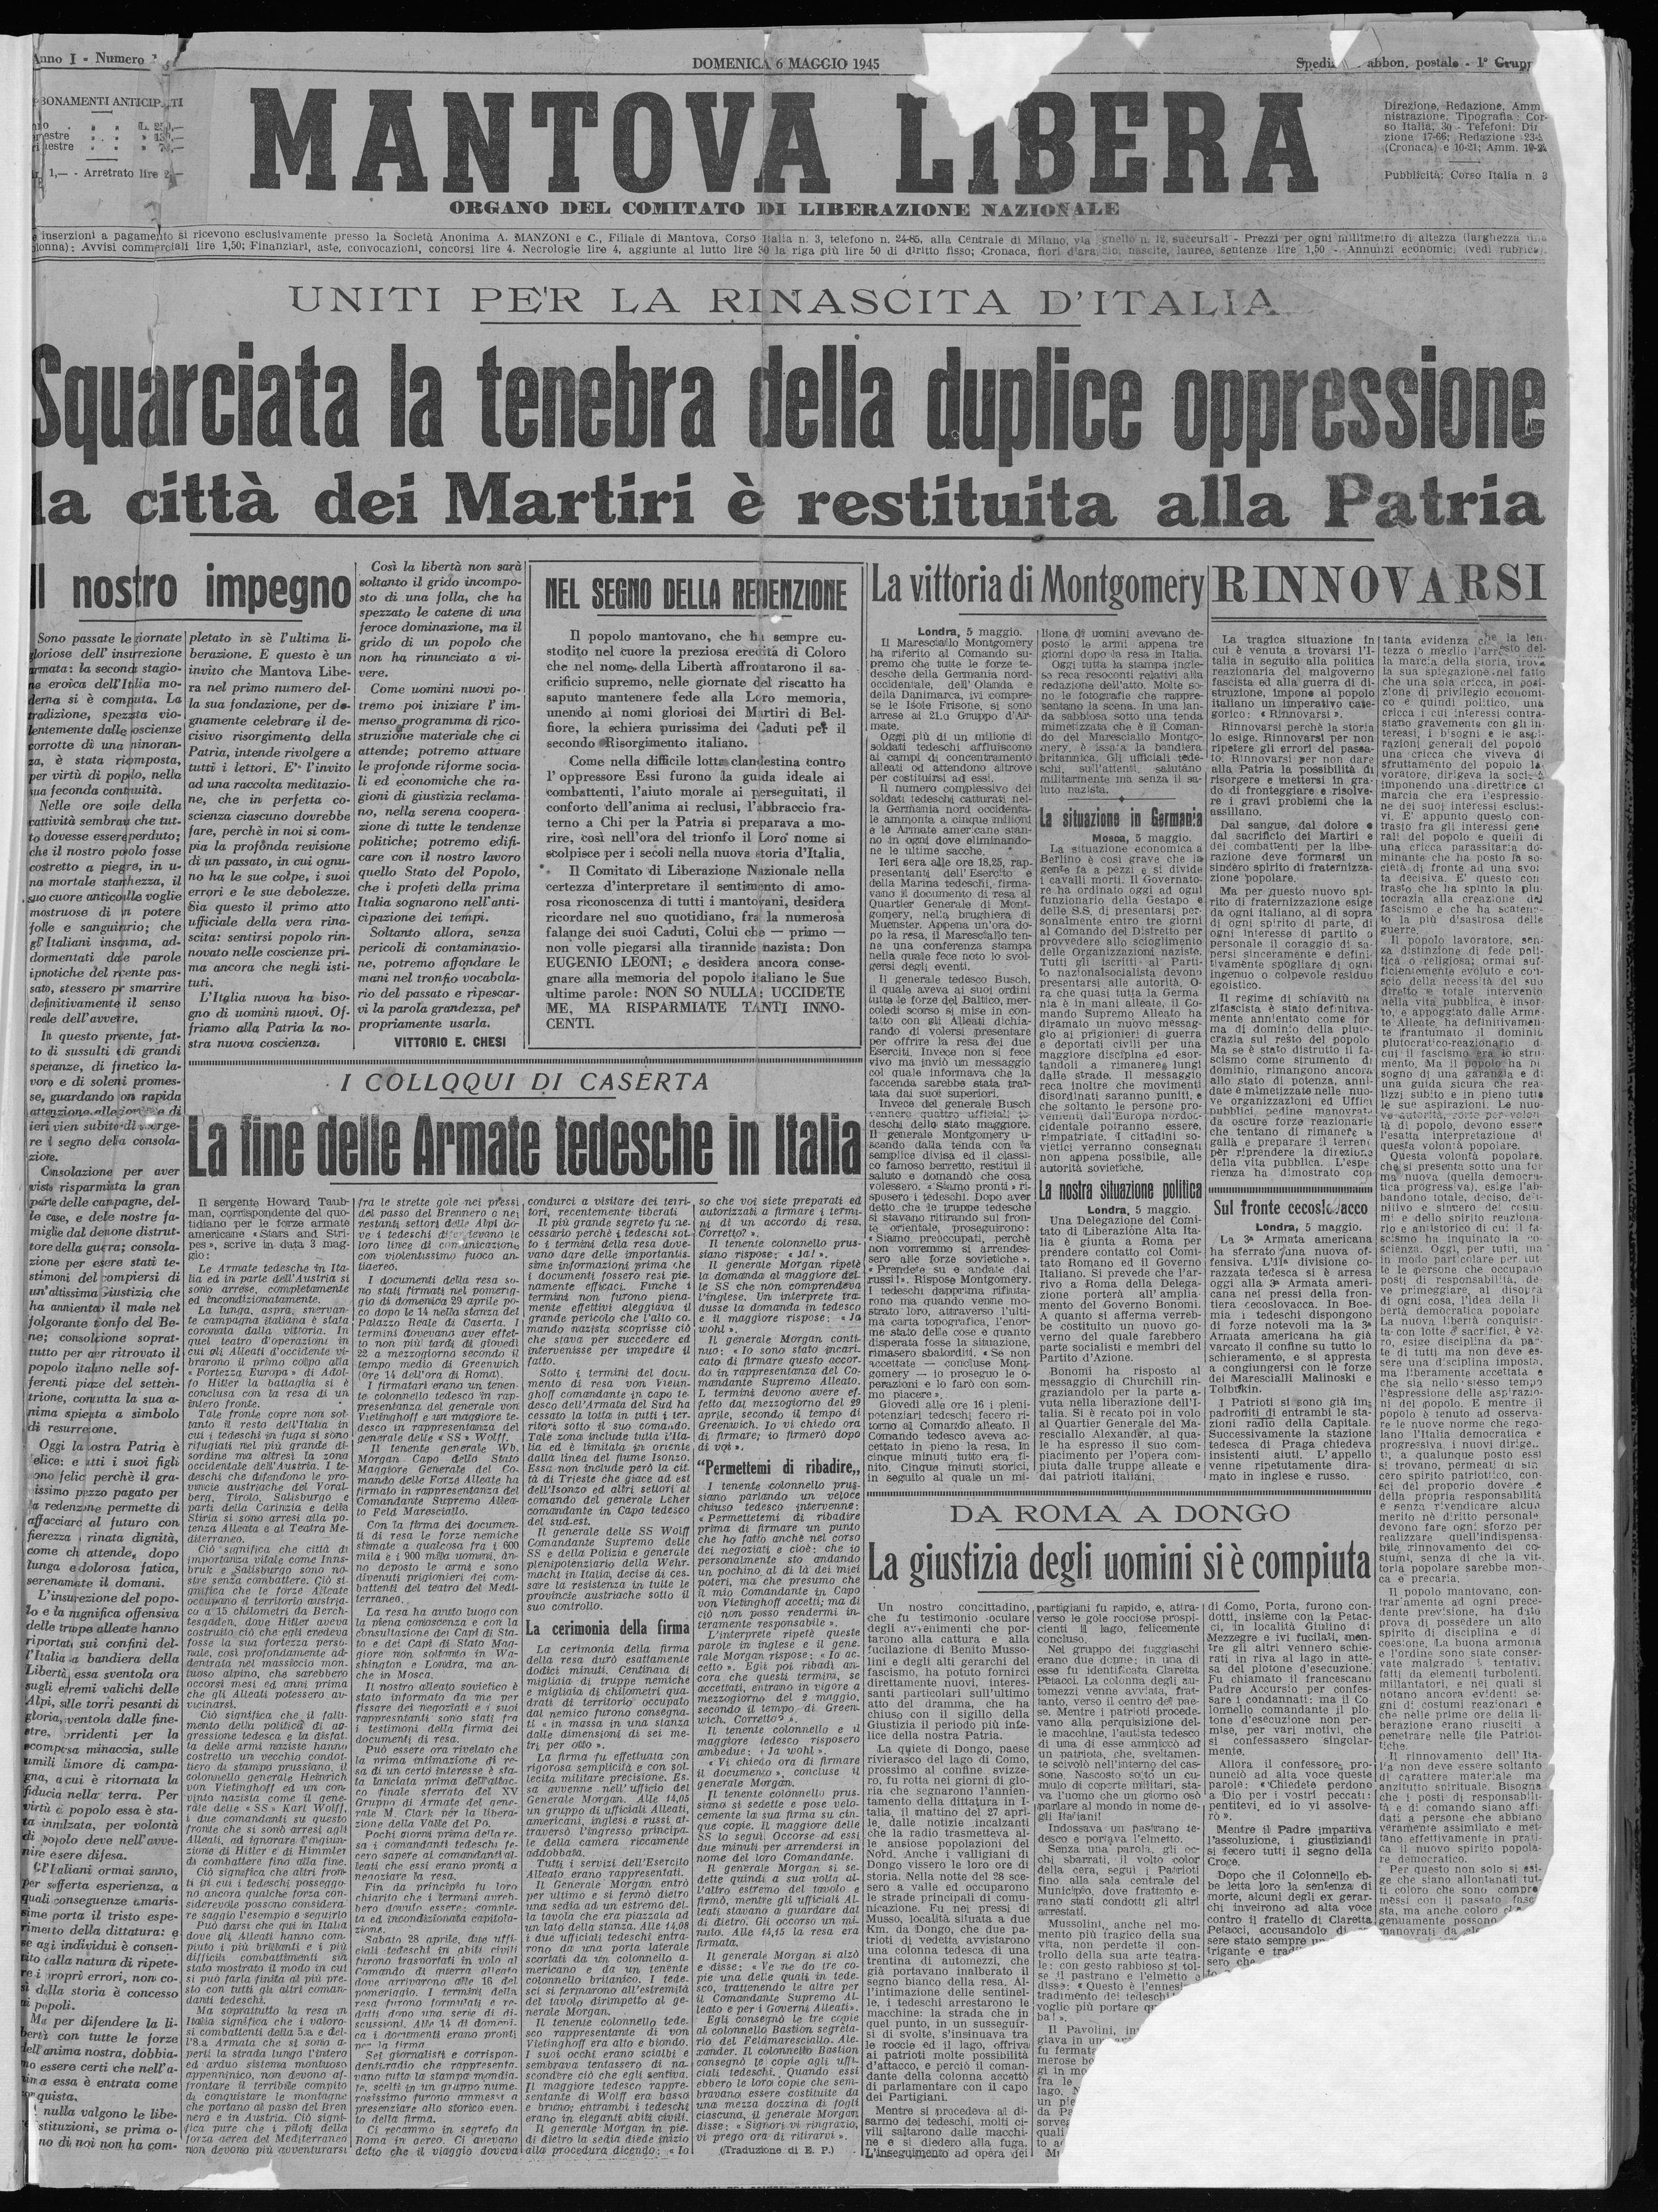 La Gazzetta di Mantova (1901 - 1986)